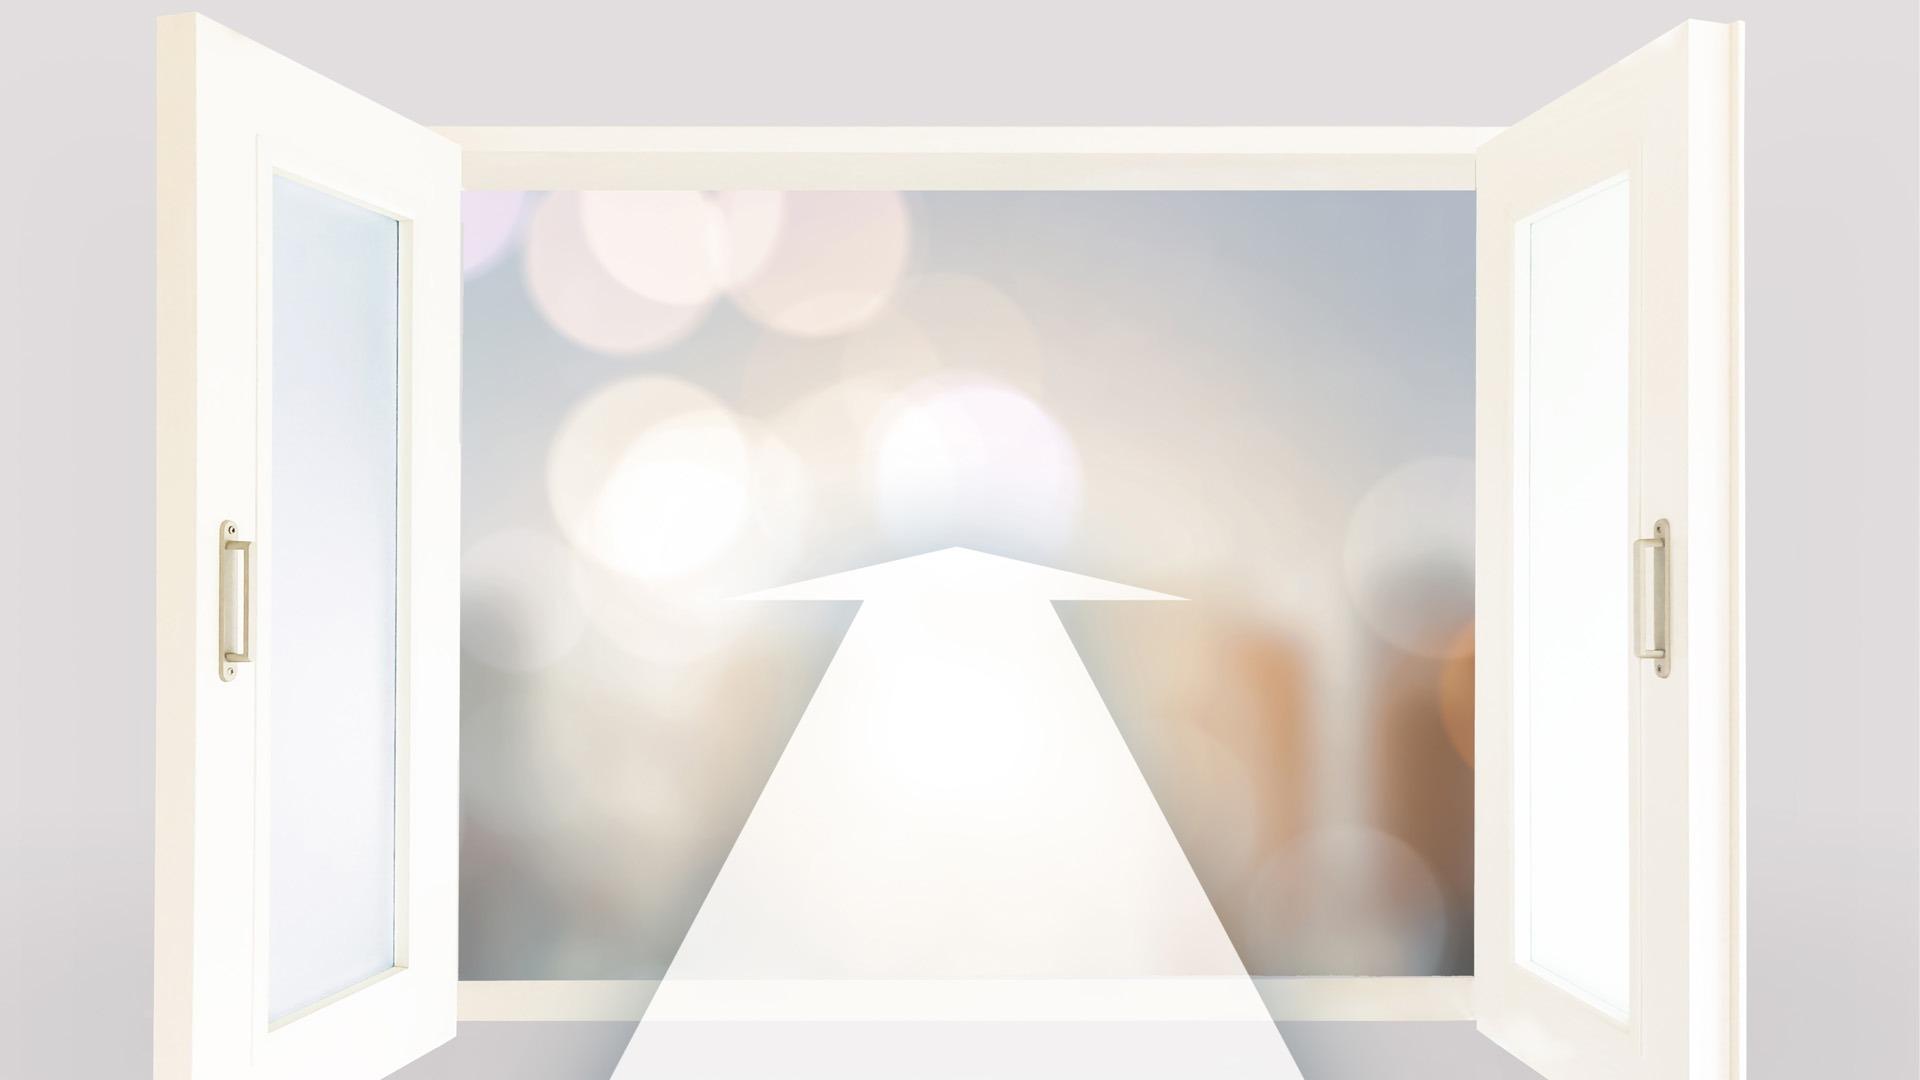 21.6.28 【成功哲学編】第12回 平家に学ぶ